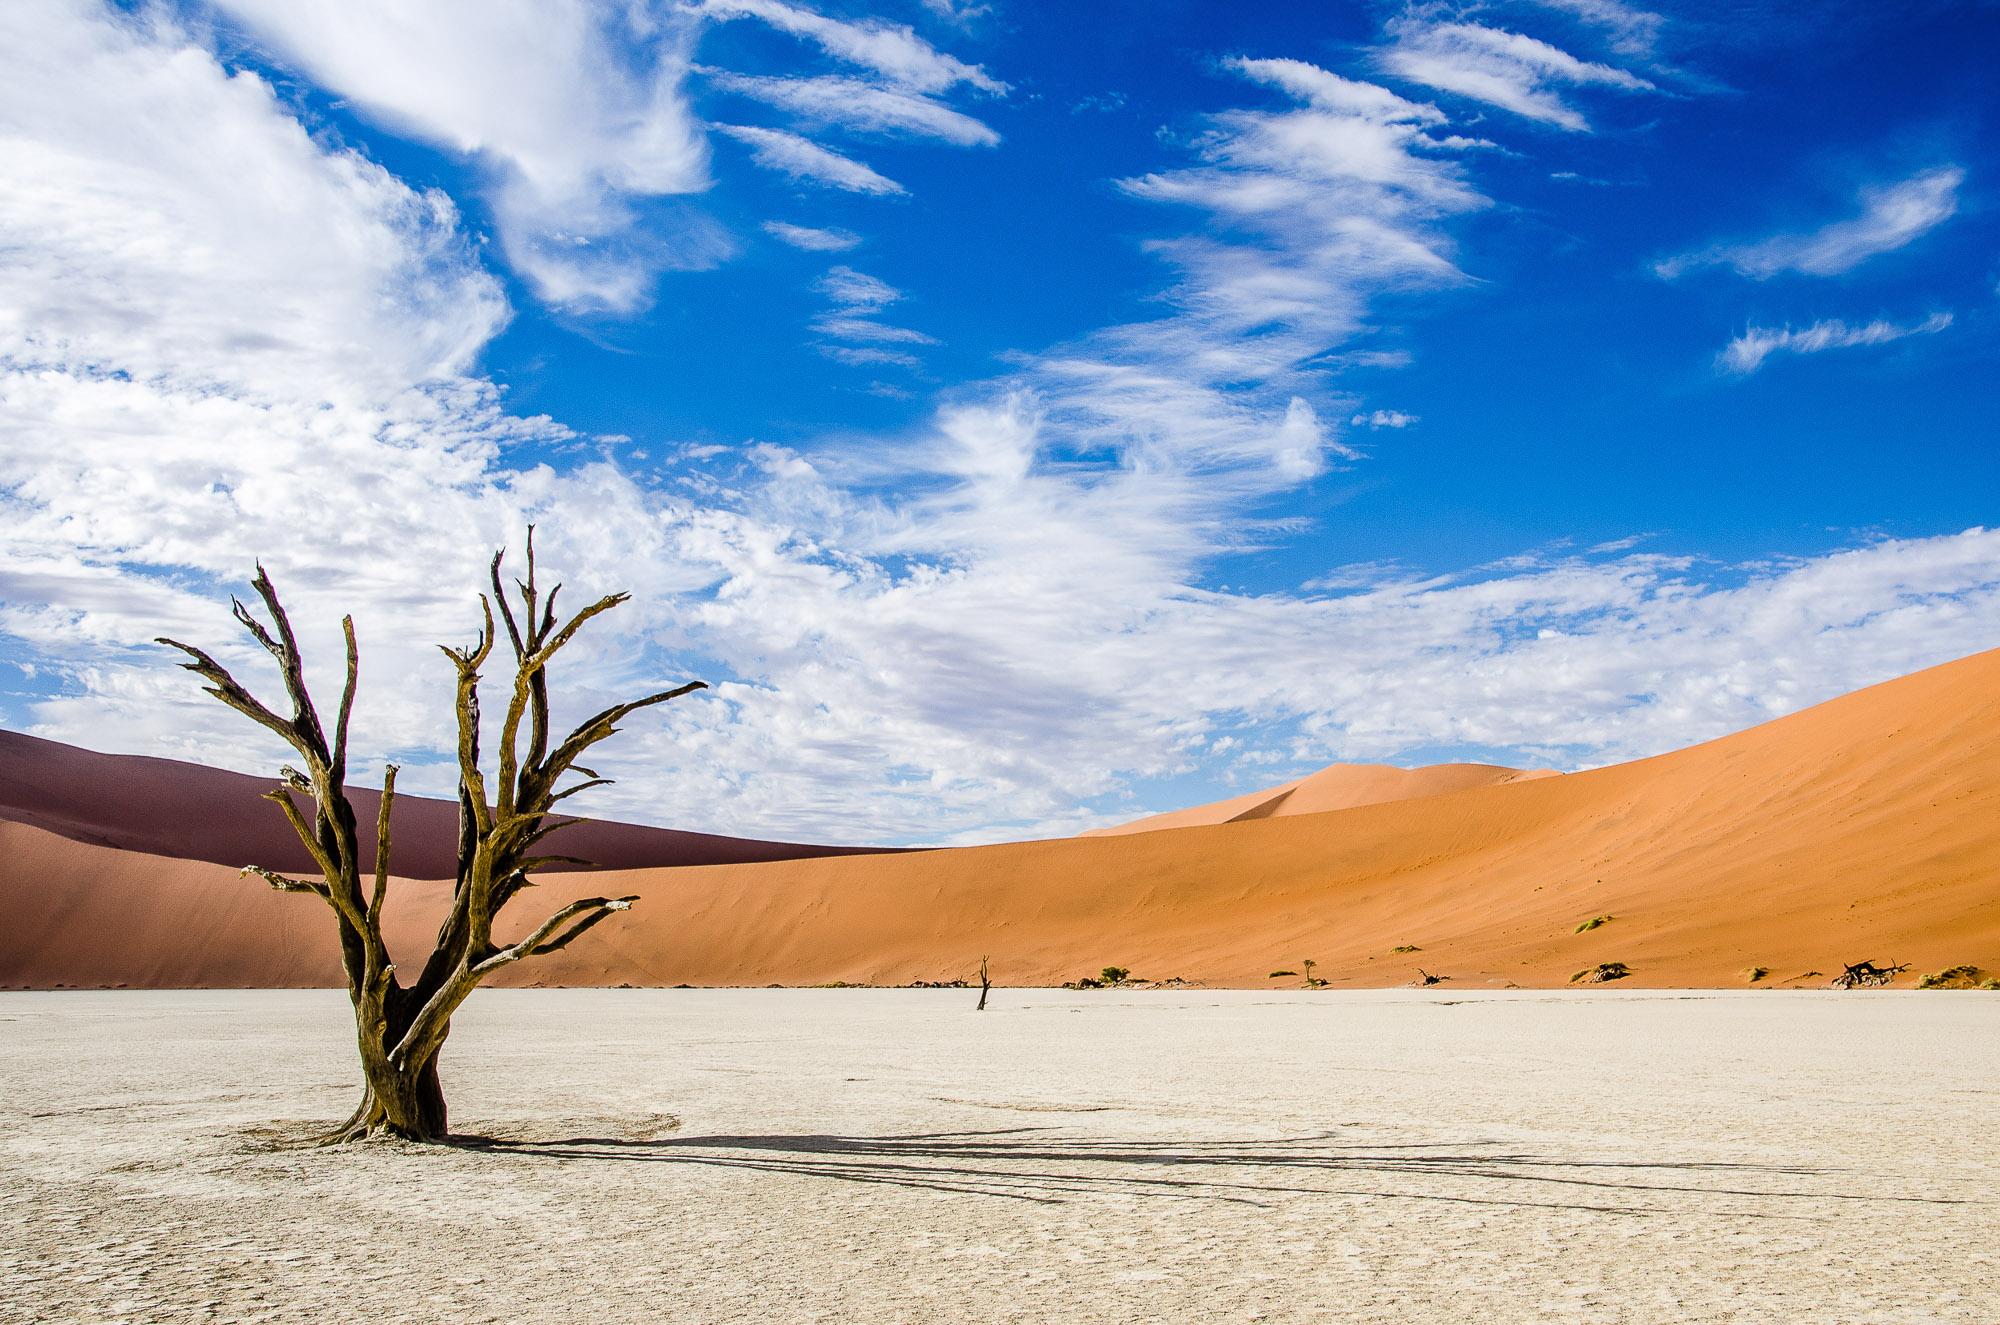 arbre petrifie dune ciel bleu 2 - deadvlei - le desert du namibie - afrique, namibie